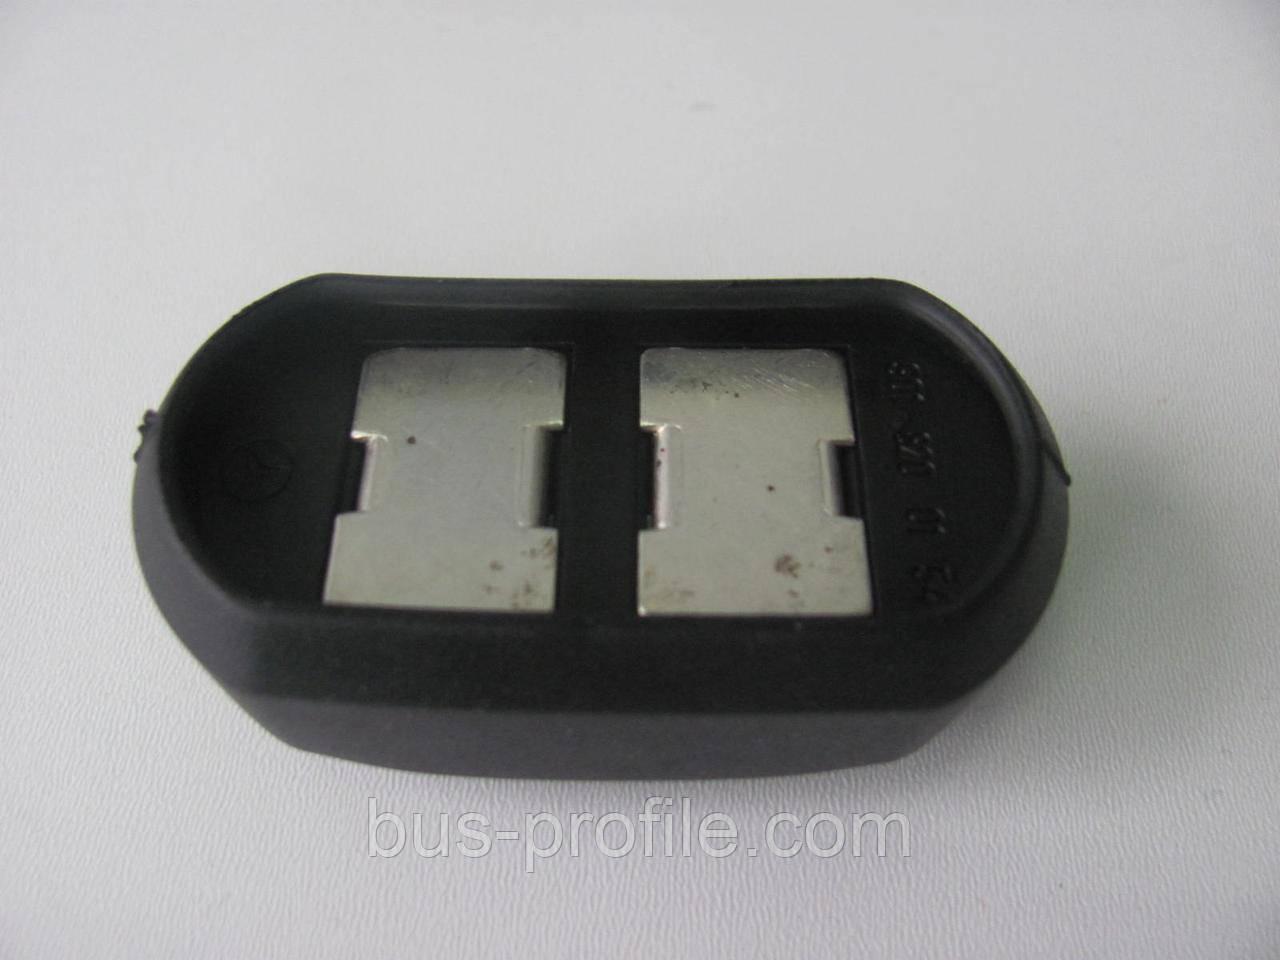 Контакт двери (боковой) (2-ох контакт) на MB Sprinter, VW LT 1996-2006 — Mercedes Original — 9018200154